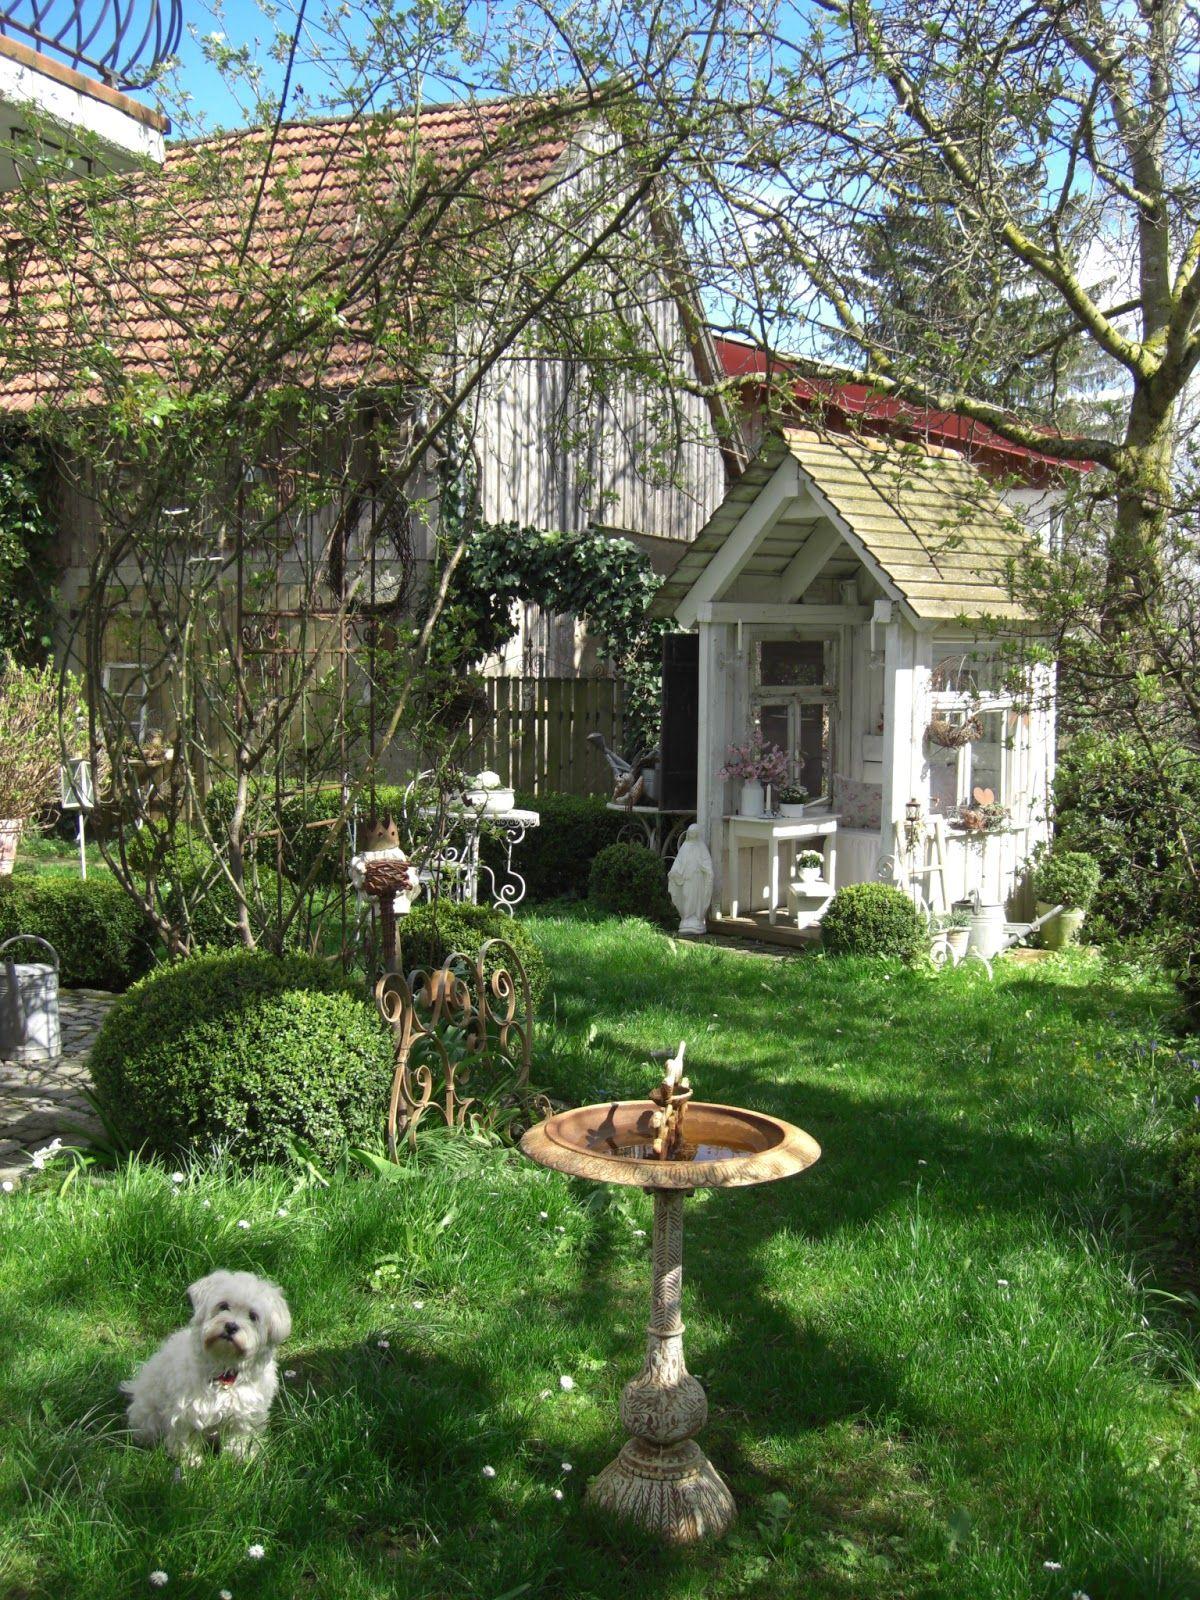 CottageGarden****** Garten ideen, Garten und Gartenecke